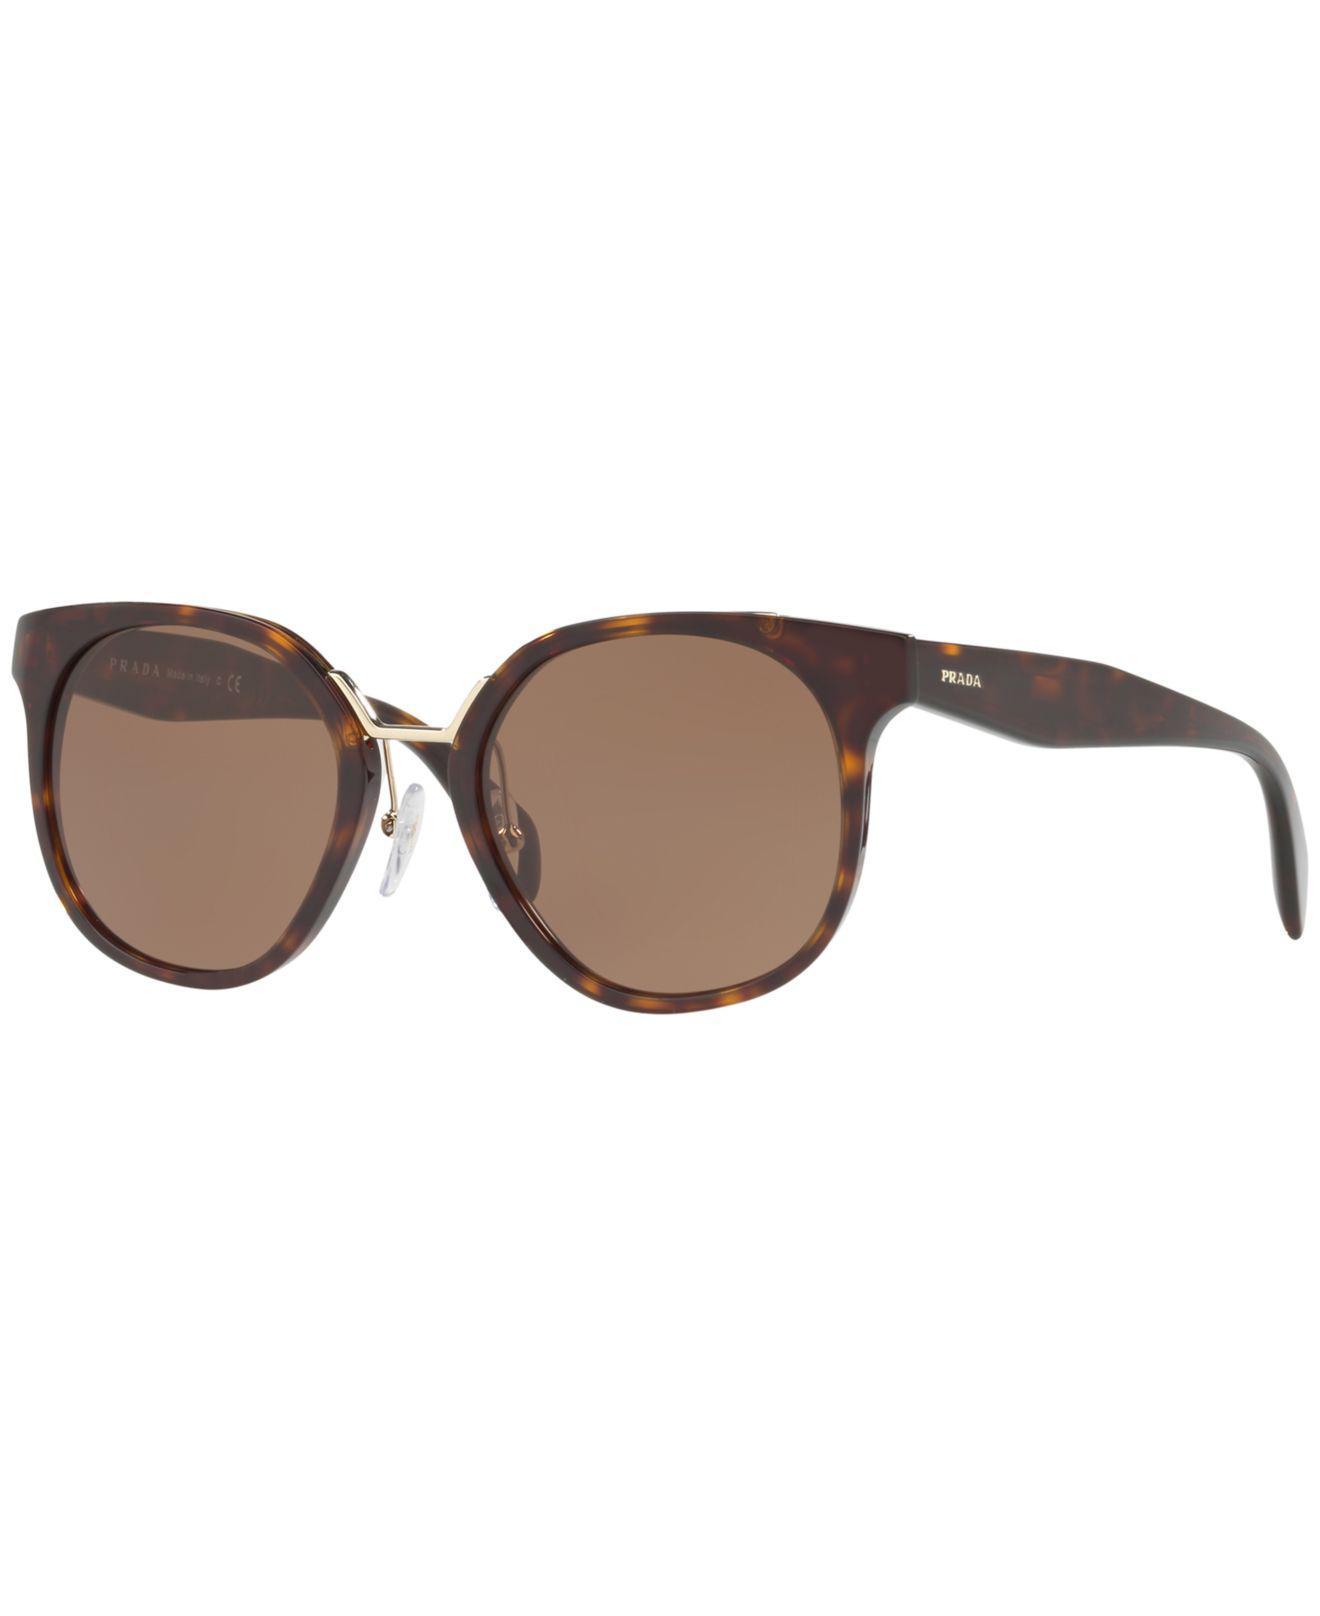 3a51509afe4 Prada - Brown Sunglasses